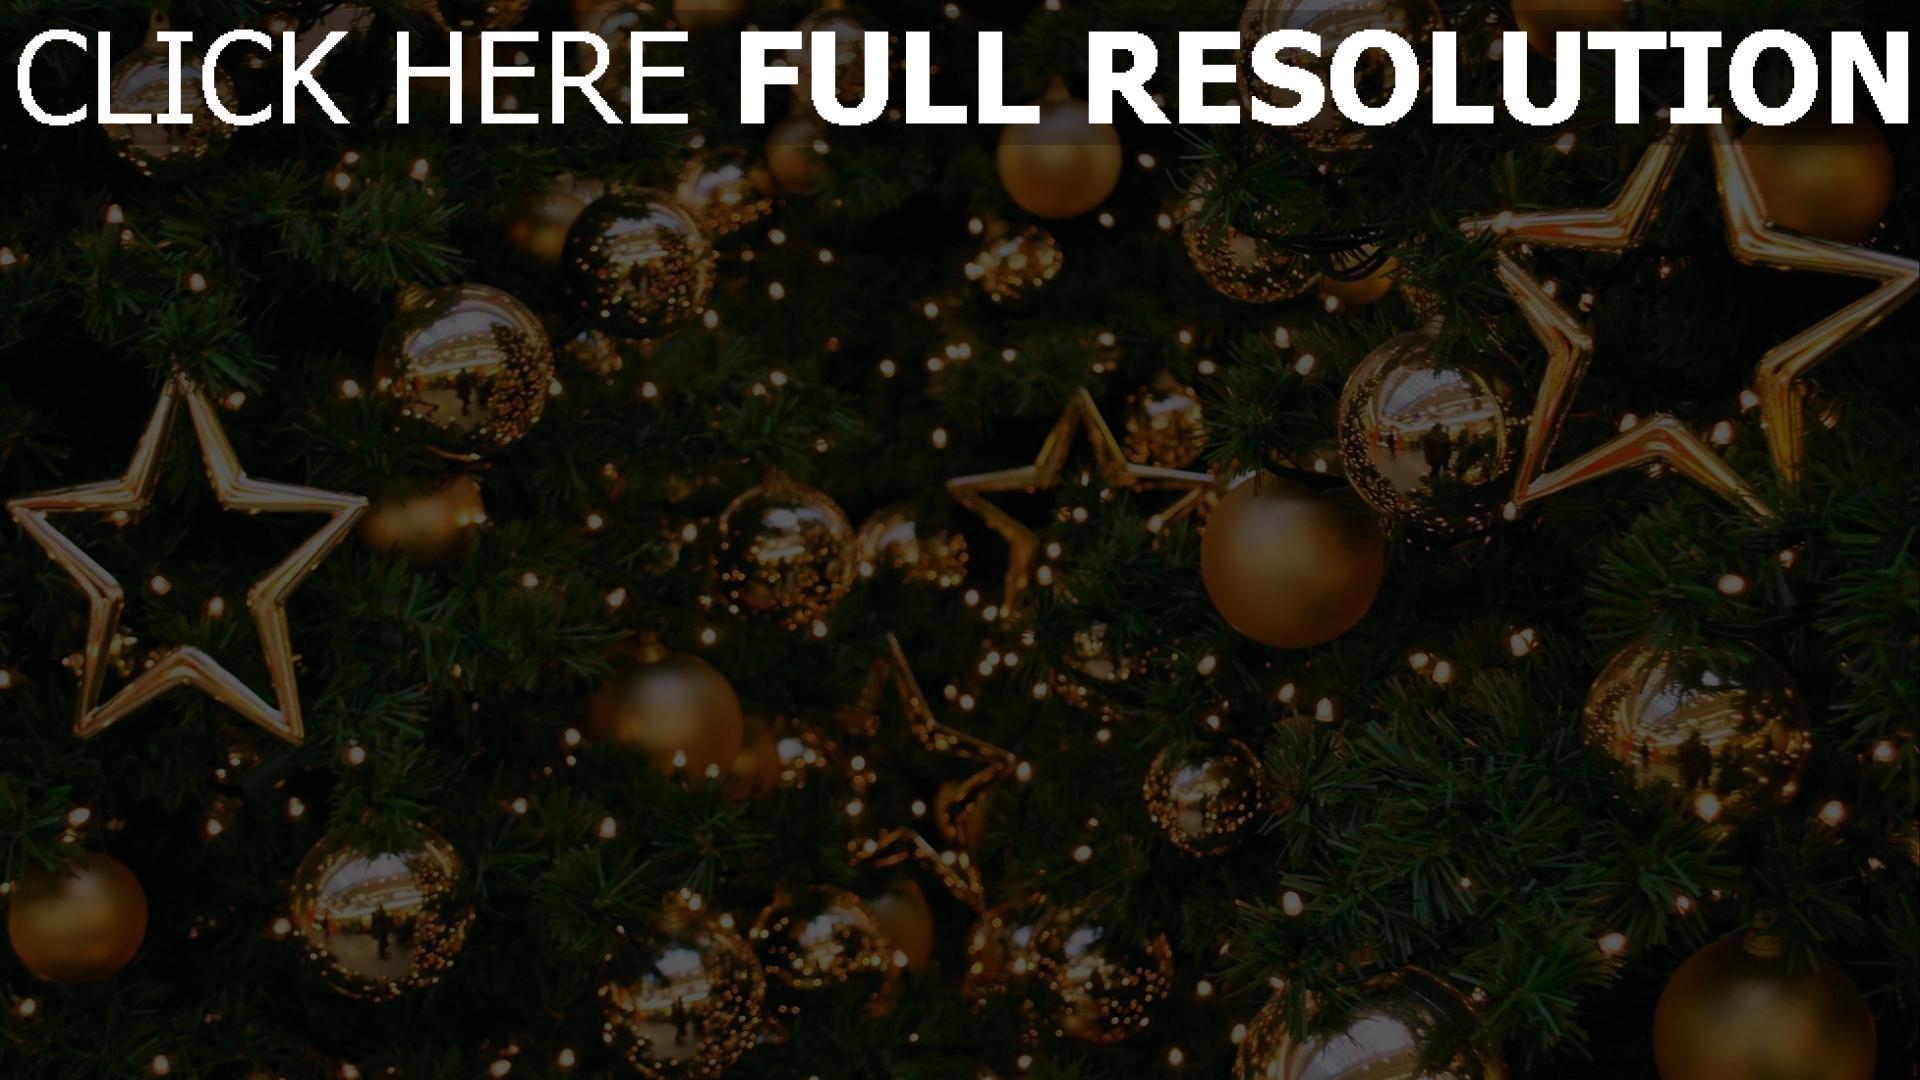 hd hintergrundbilder luftballons gold dekorationen baum sterne neues jahr feiertag weihnachten 1920x1080